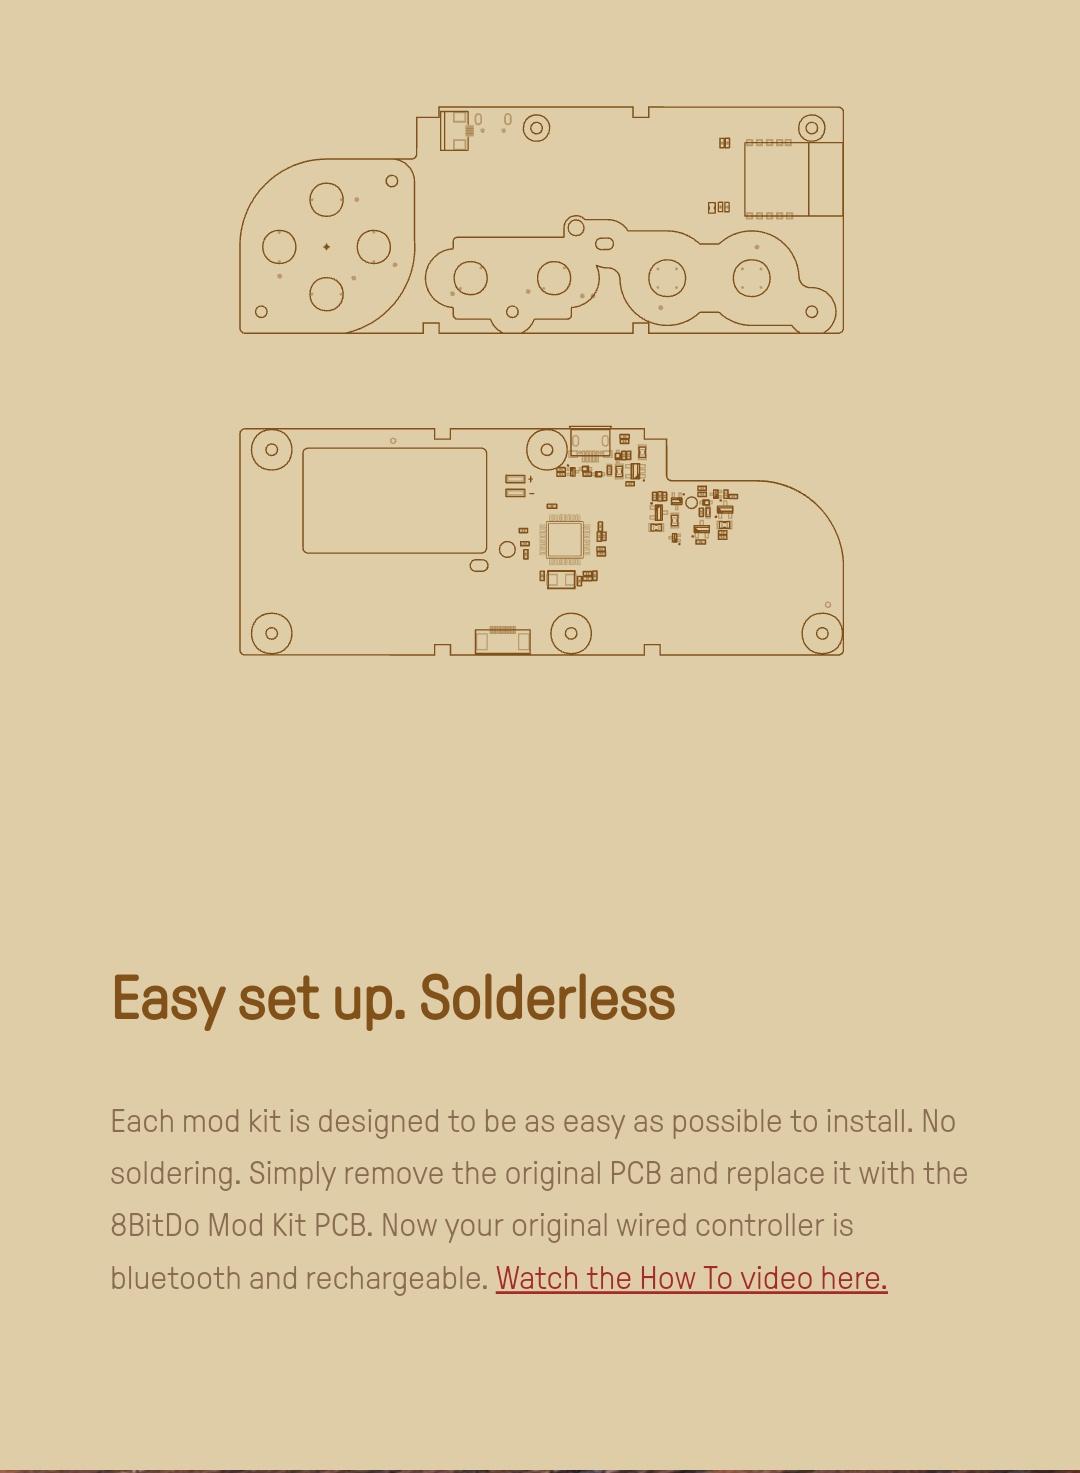 8Bitdo - Mod Kit Nes - Belchine 2